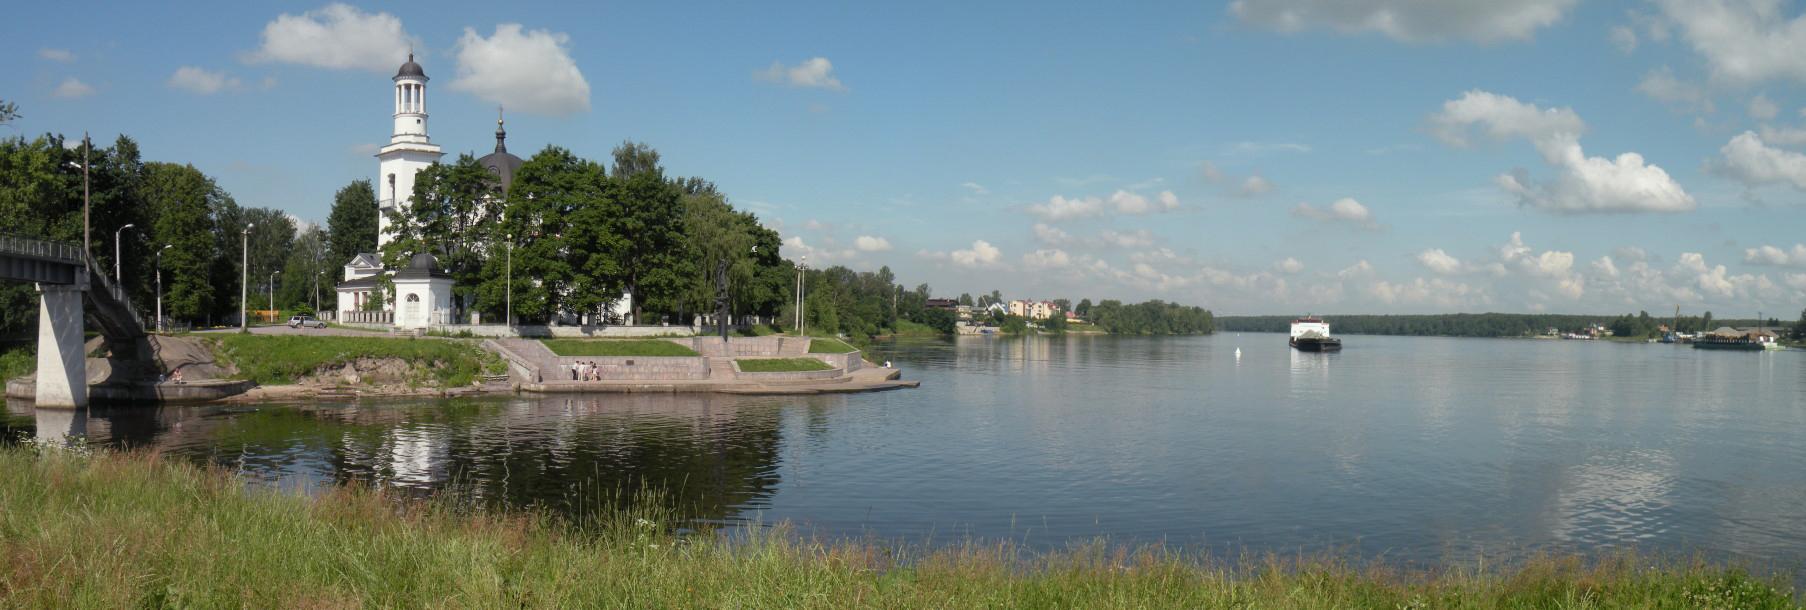 Нева в устье реки Ижоры. Автор фото: Vitold Muratov (Wikimedia Commons)